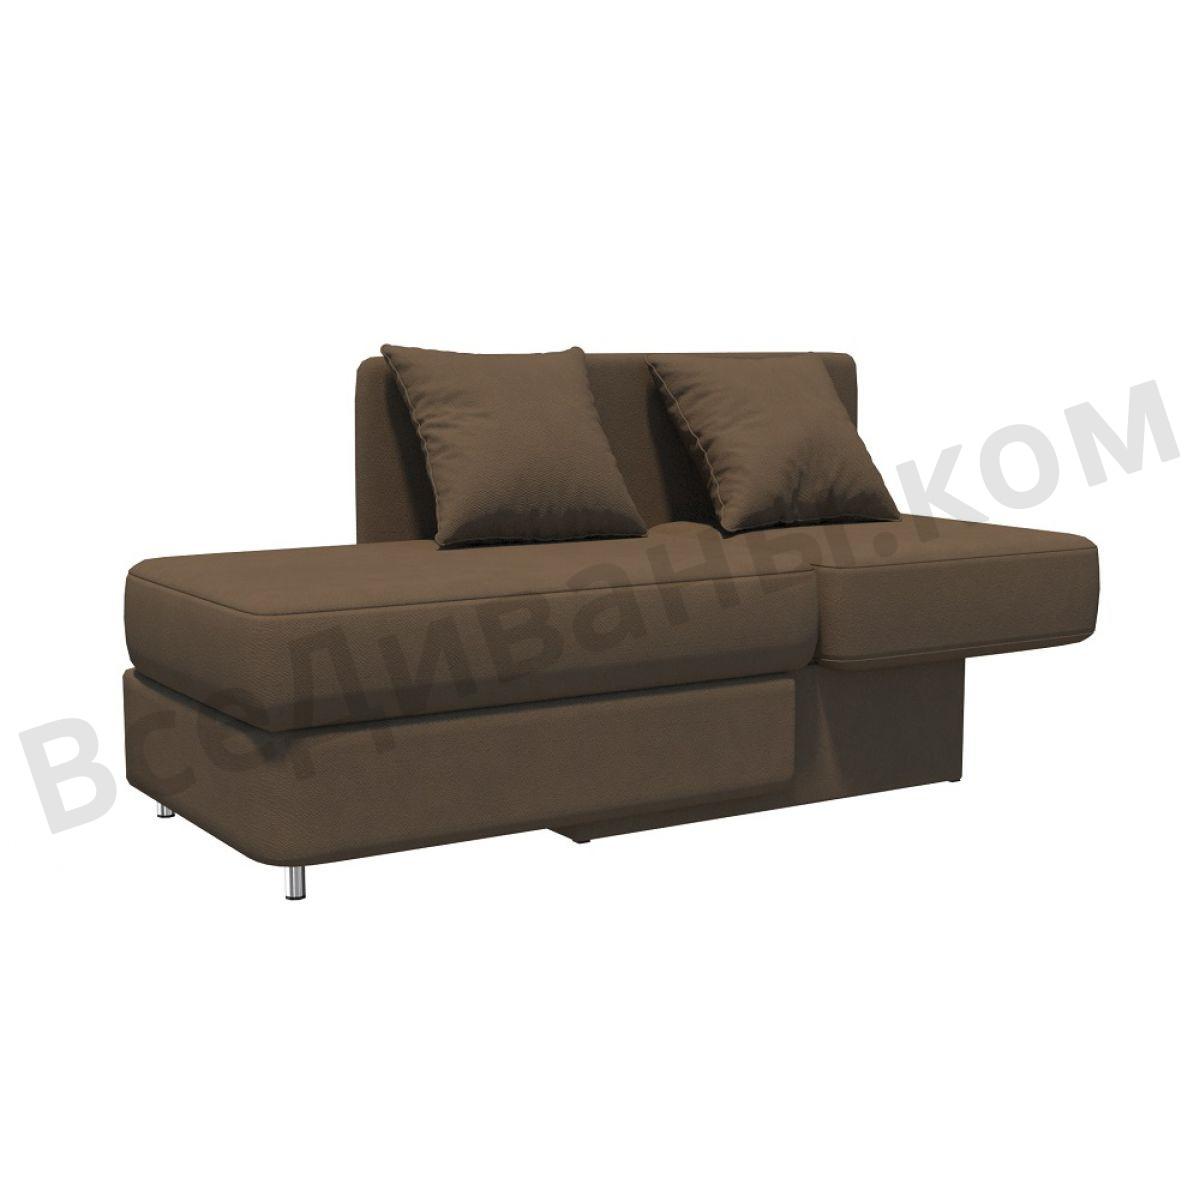 Прямой диван Леон детский, Вариант 3